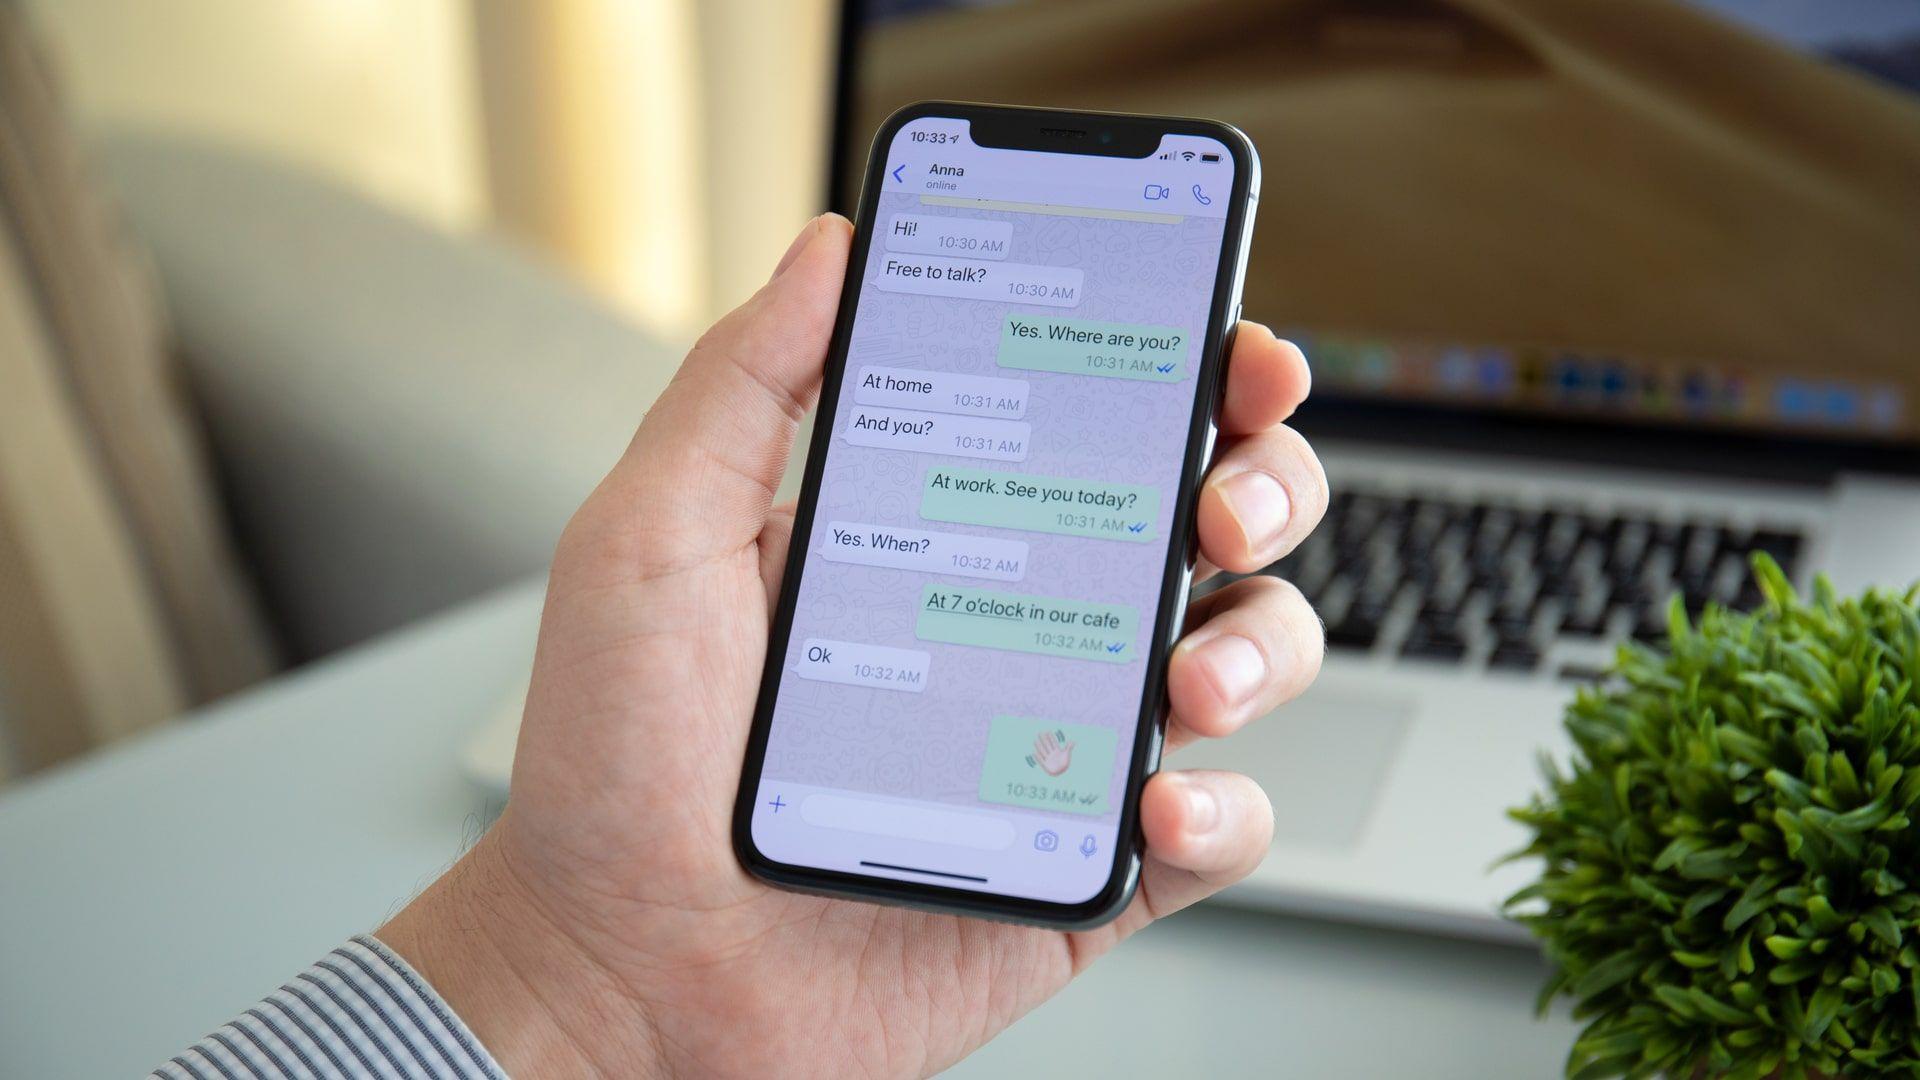 Como restaurar conversas do WhatsApp? É possível recuperar mensagens apagadas até 24 horas depois (Foto: Shutterstock)